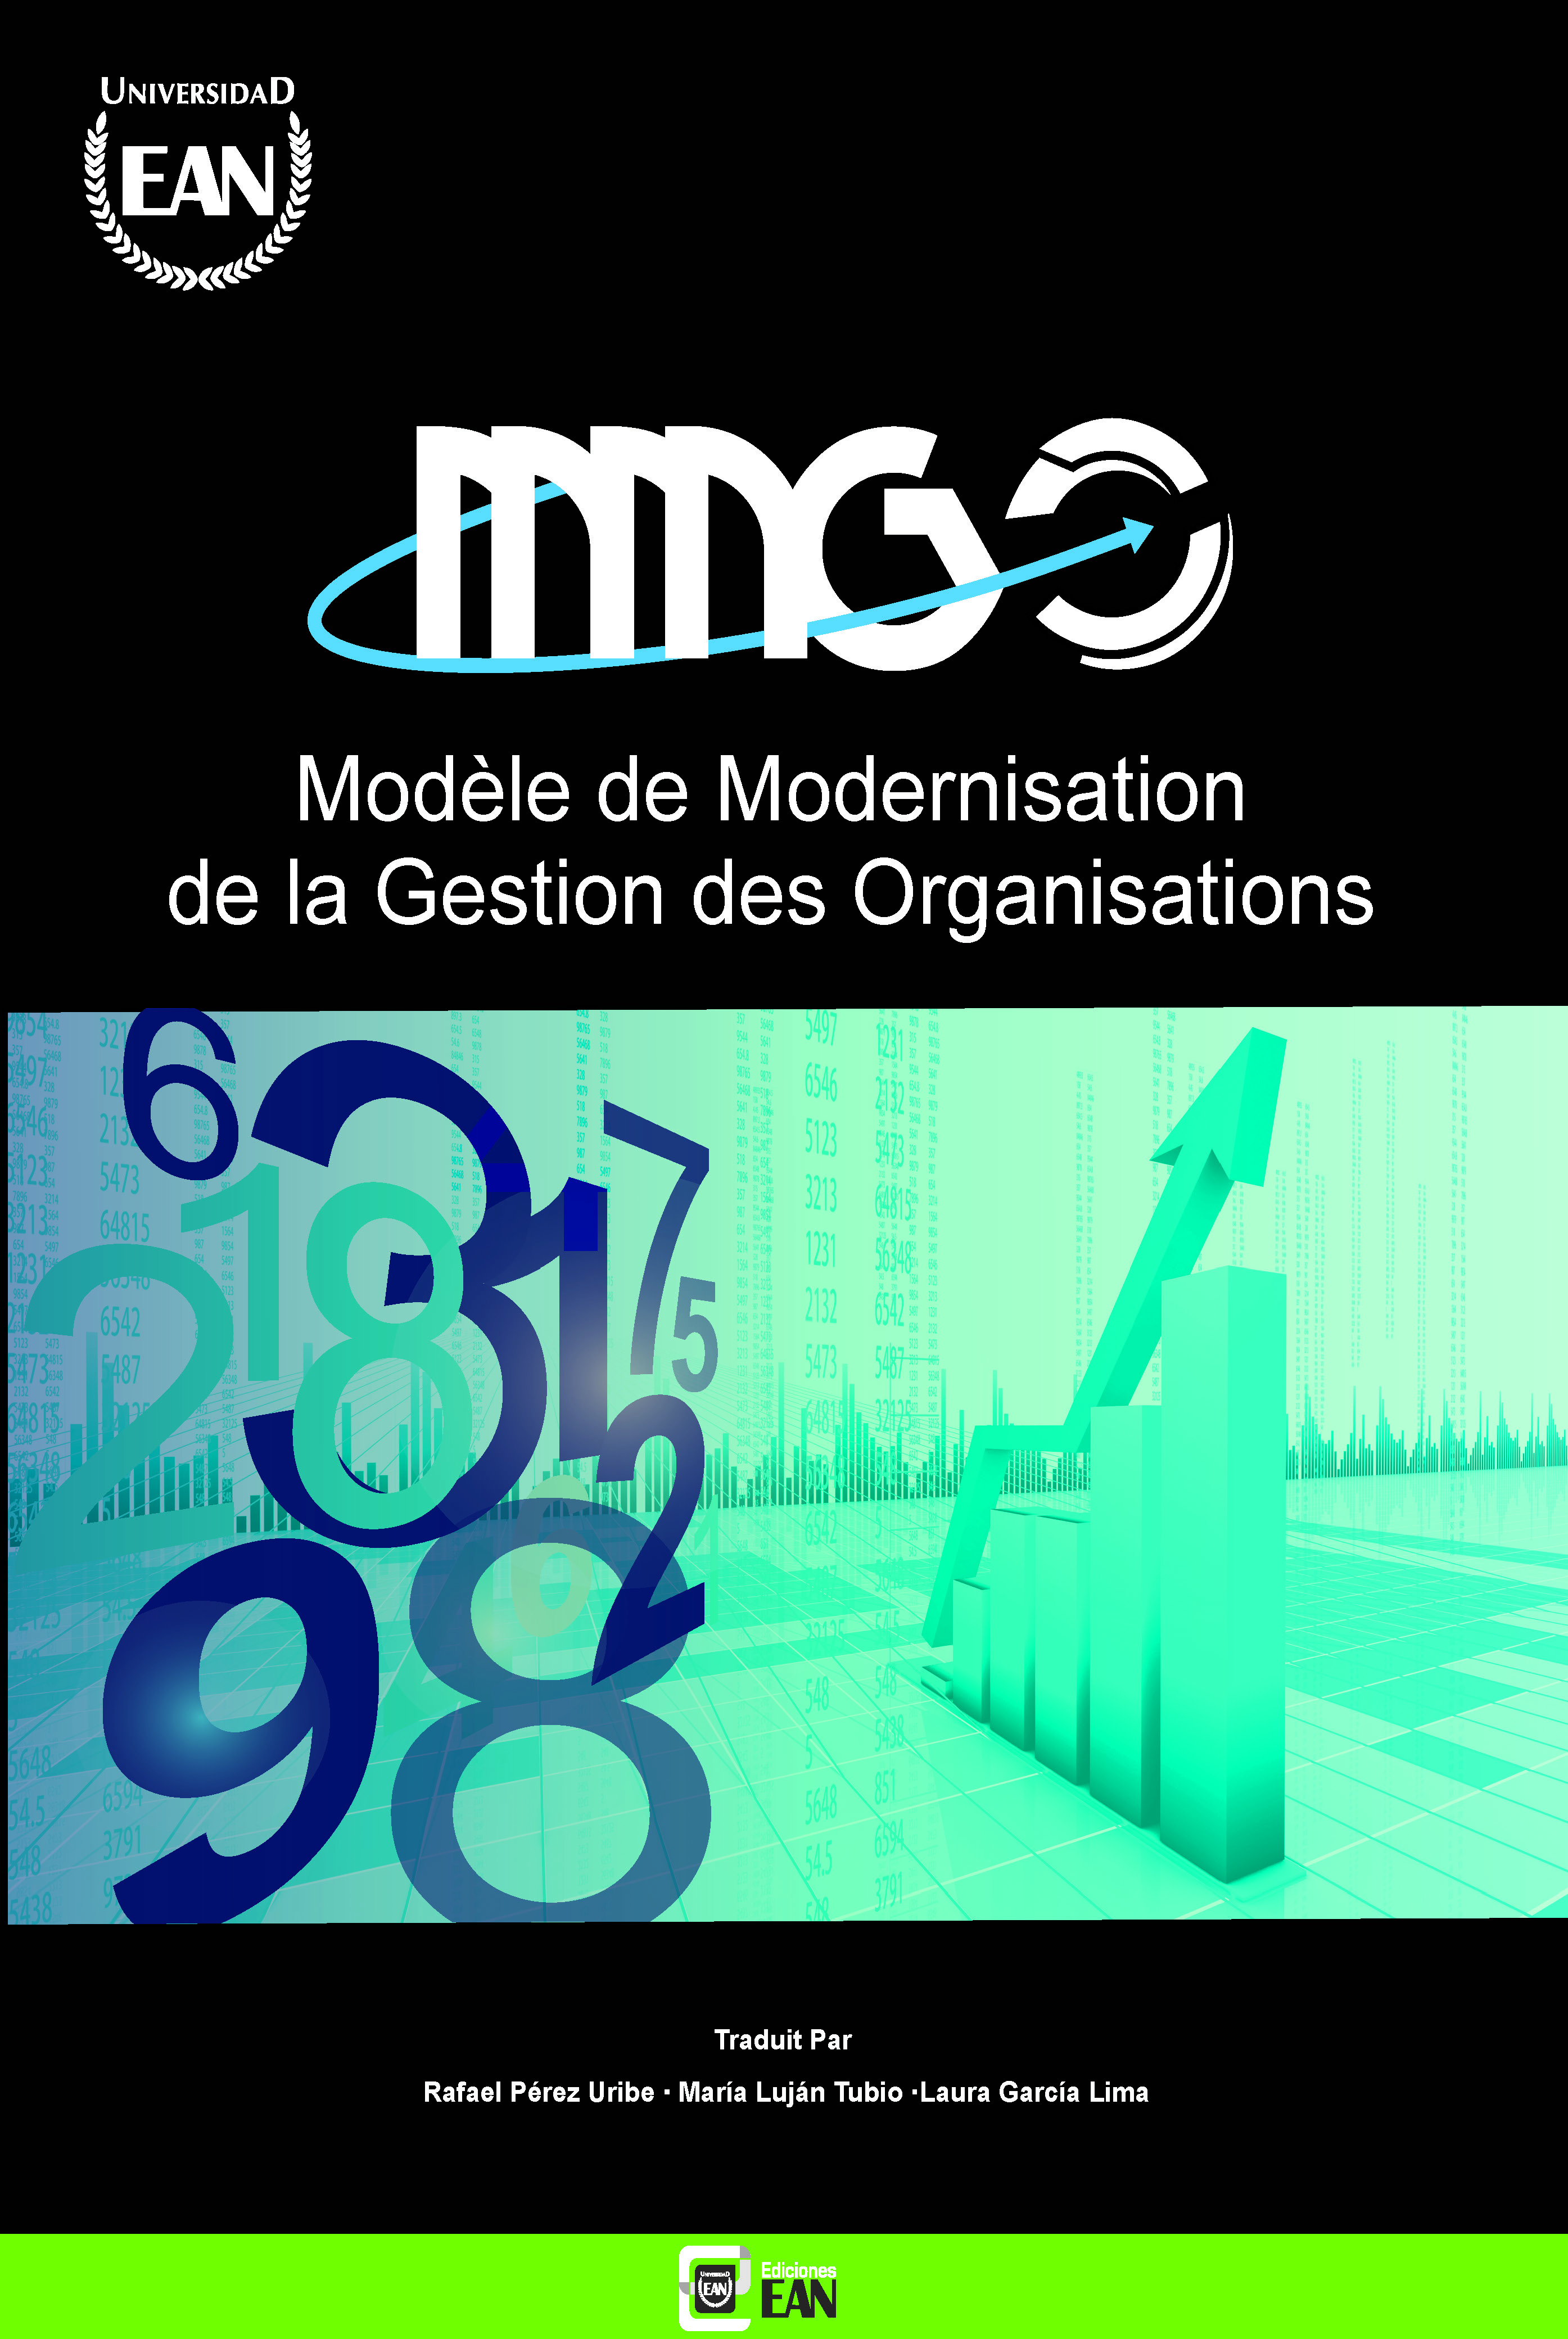 Modèle de Modernisation de la Gestion des Organisations MMGO®. Concept et matrices pour l'analyse de la situation et la détermination de la trajectoire d´amélioration et l´innovation